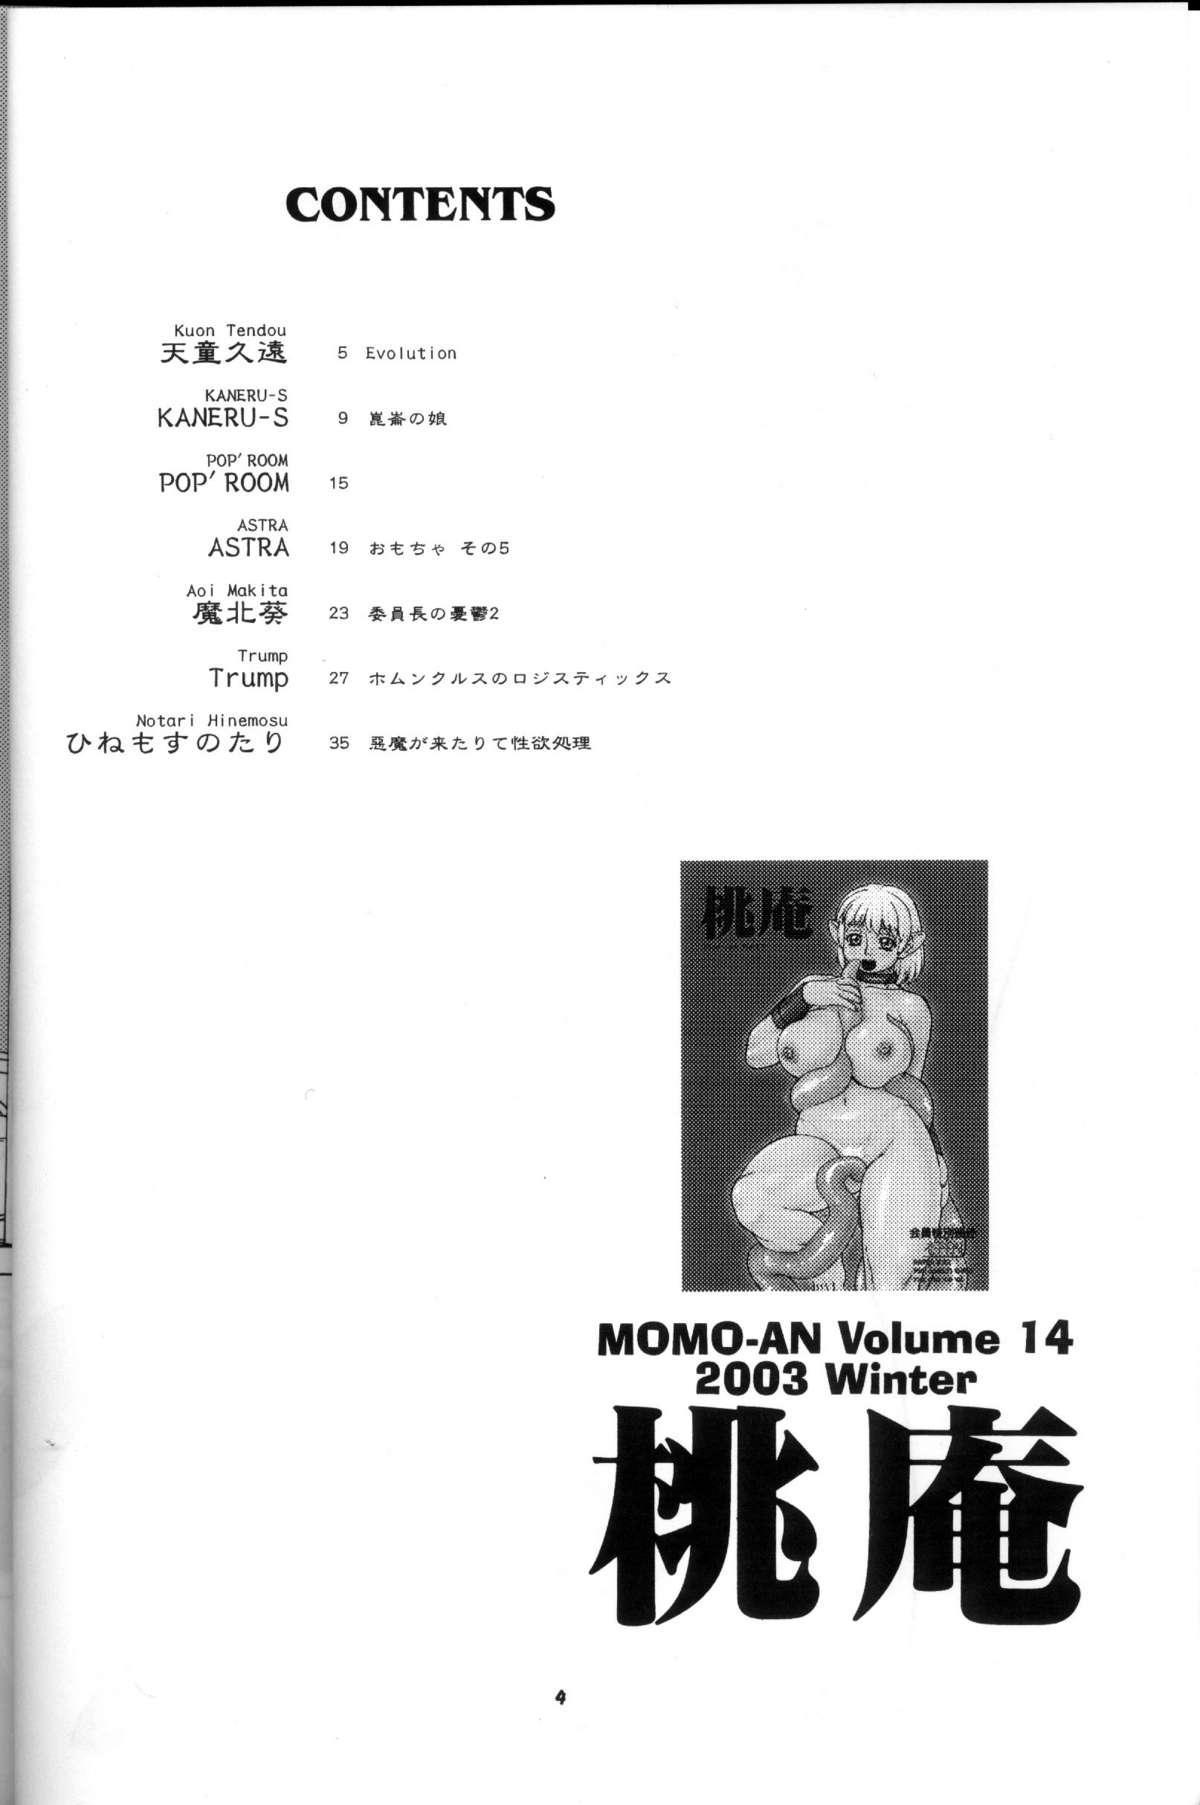 Momo-an Vol.14 3